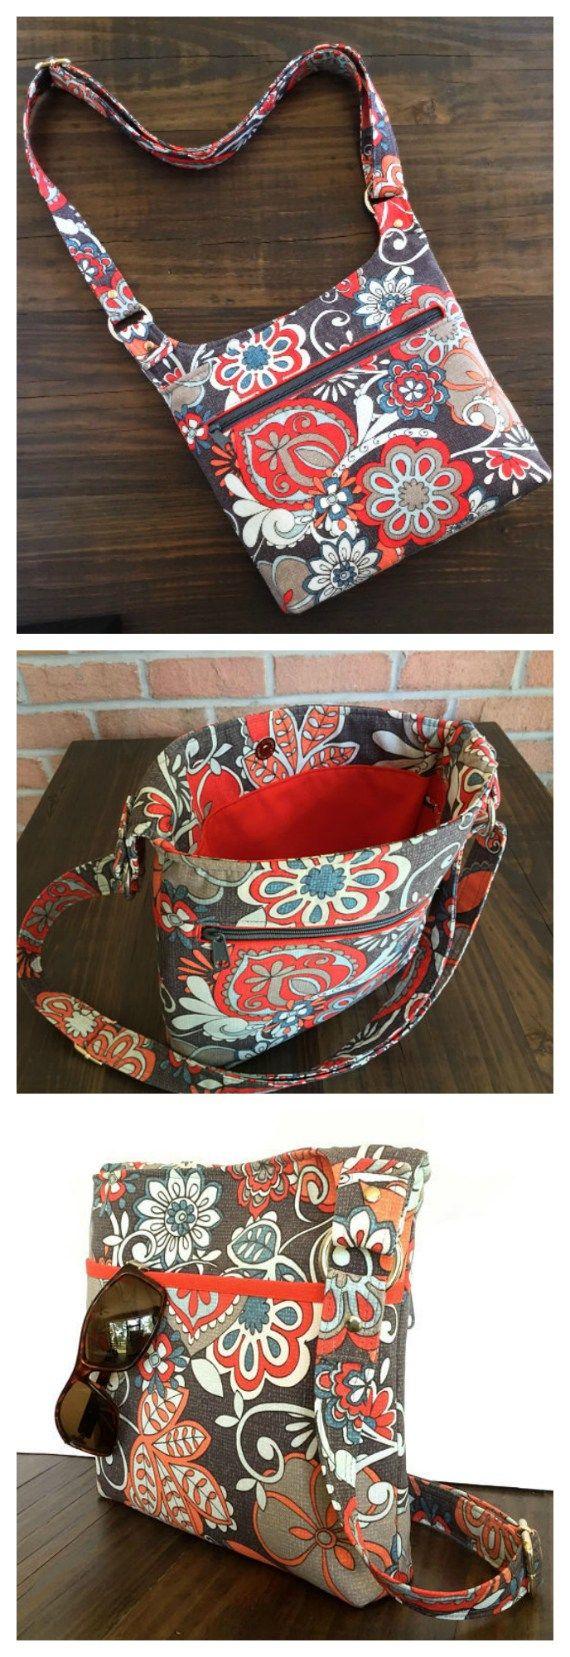 Vanessa - Hipster purse pattern | Taschen nähen, Nähen und Tasche ...